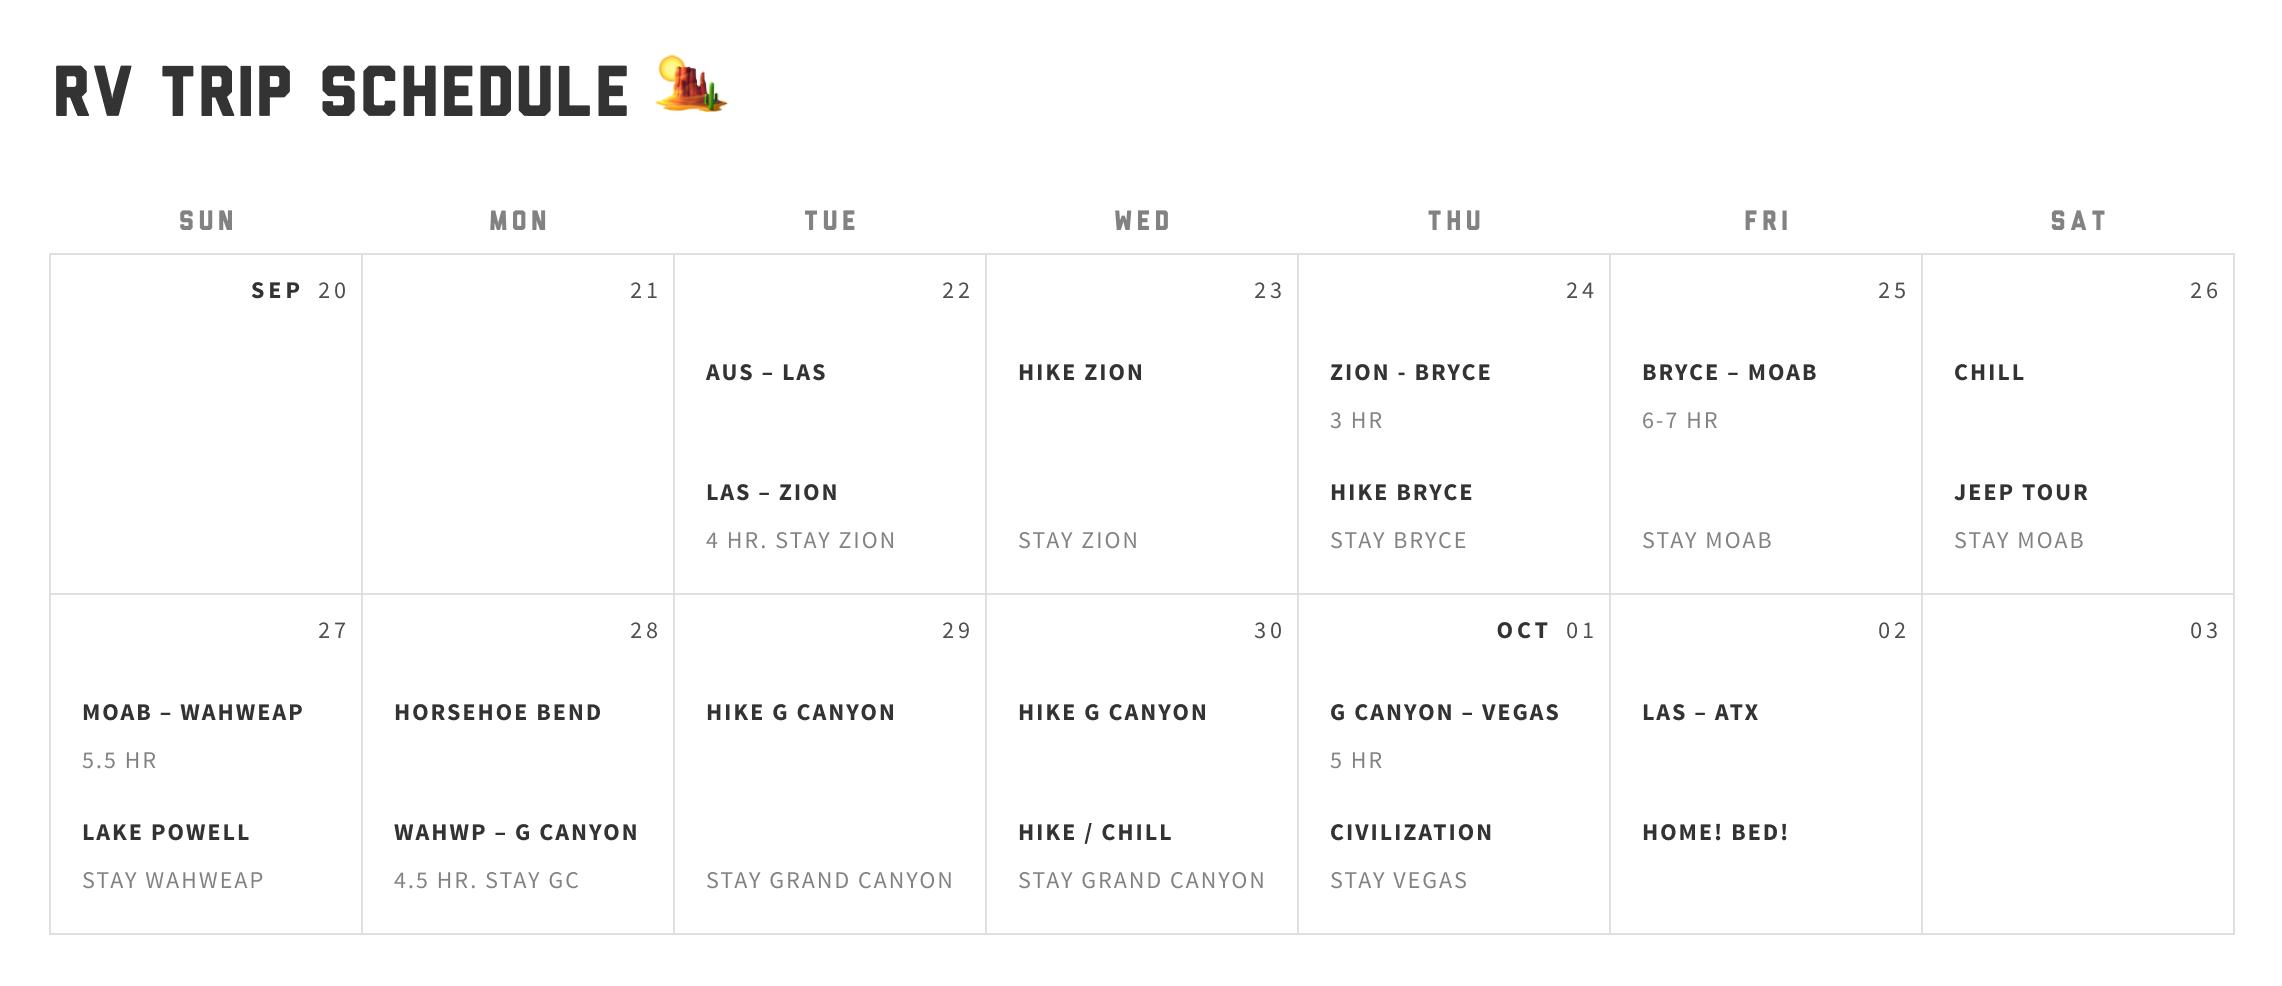 RV Trip Schedule